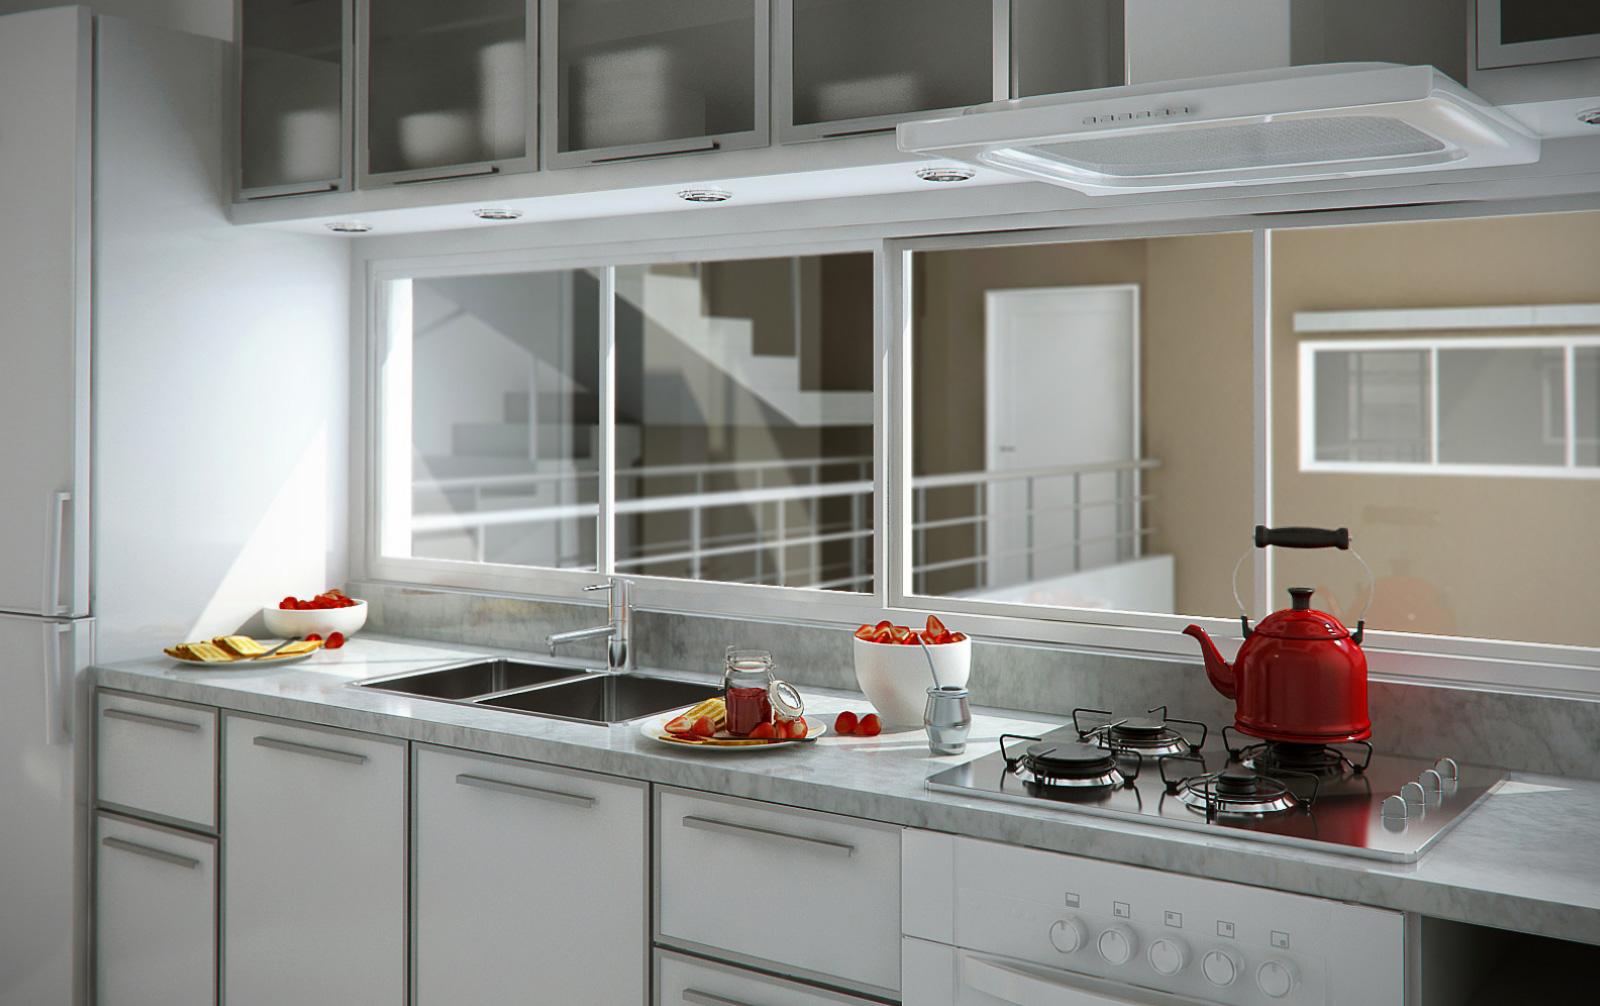 Claudio gabriel escobar 3d 2d arquitectura y render for Cocina comedor modernos fotos